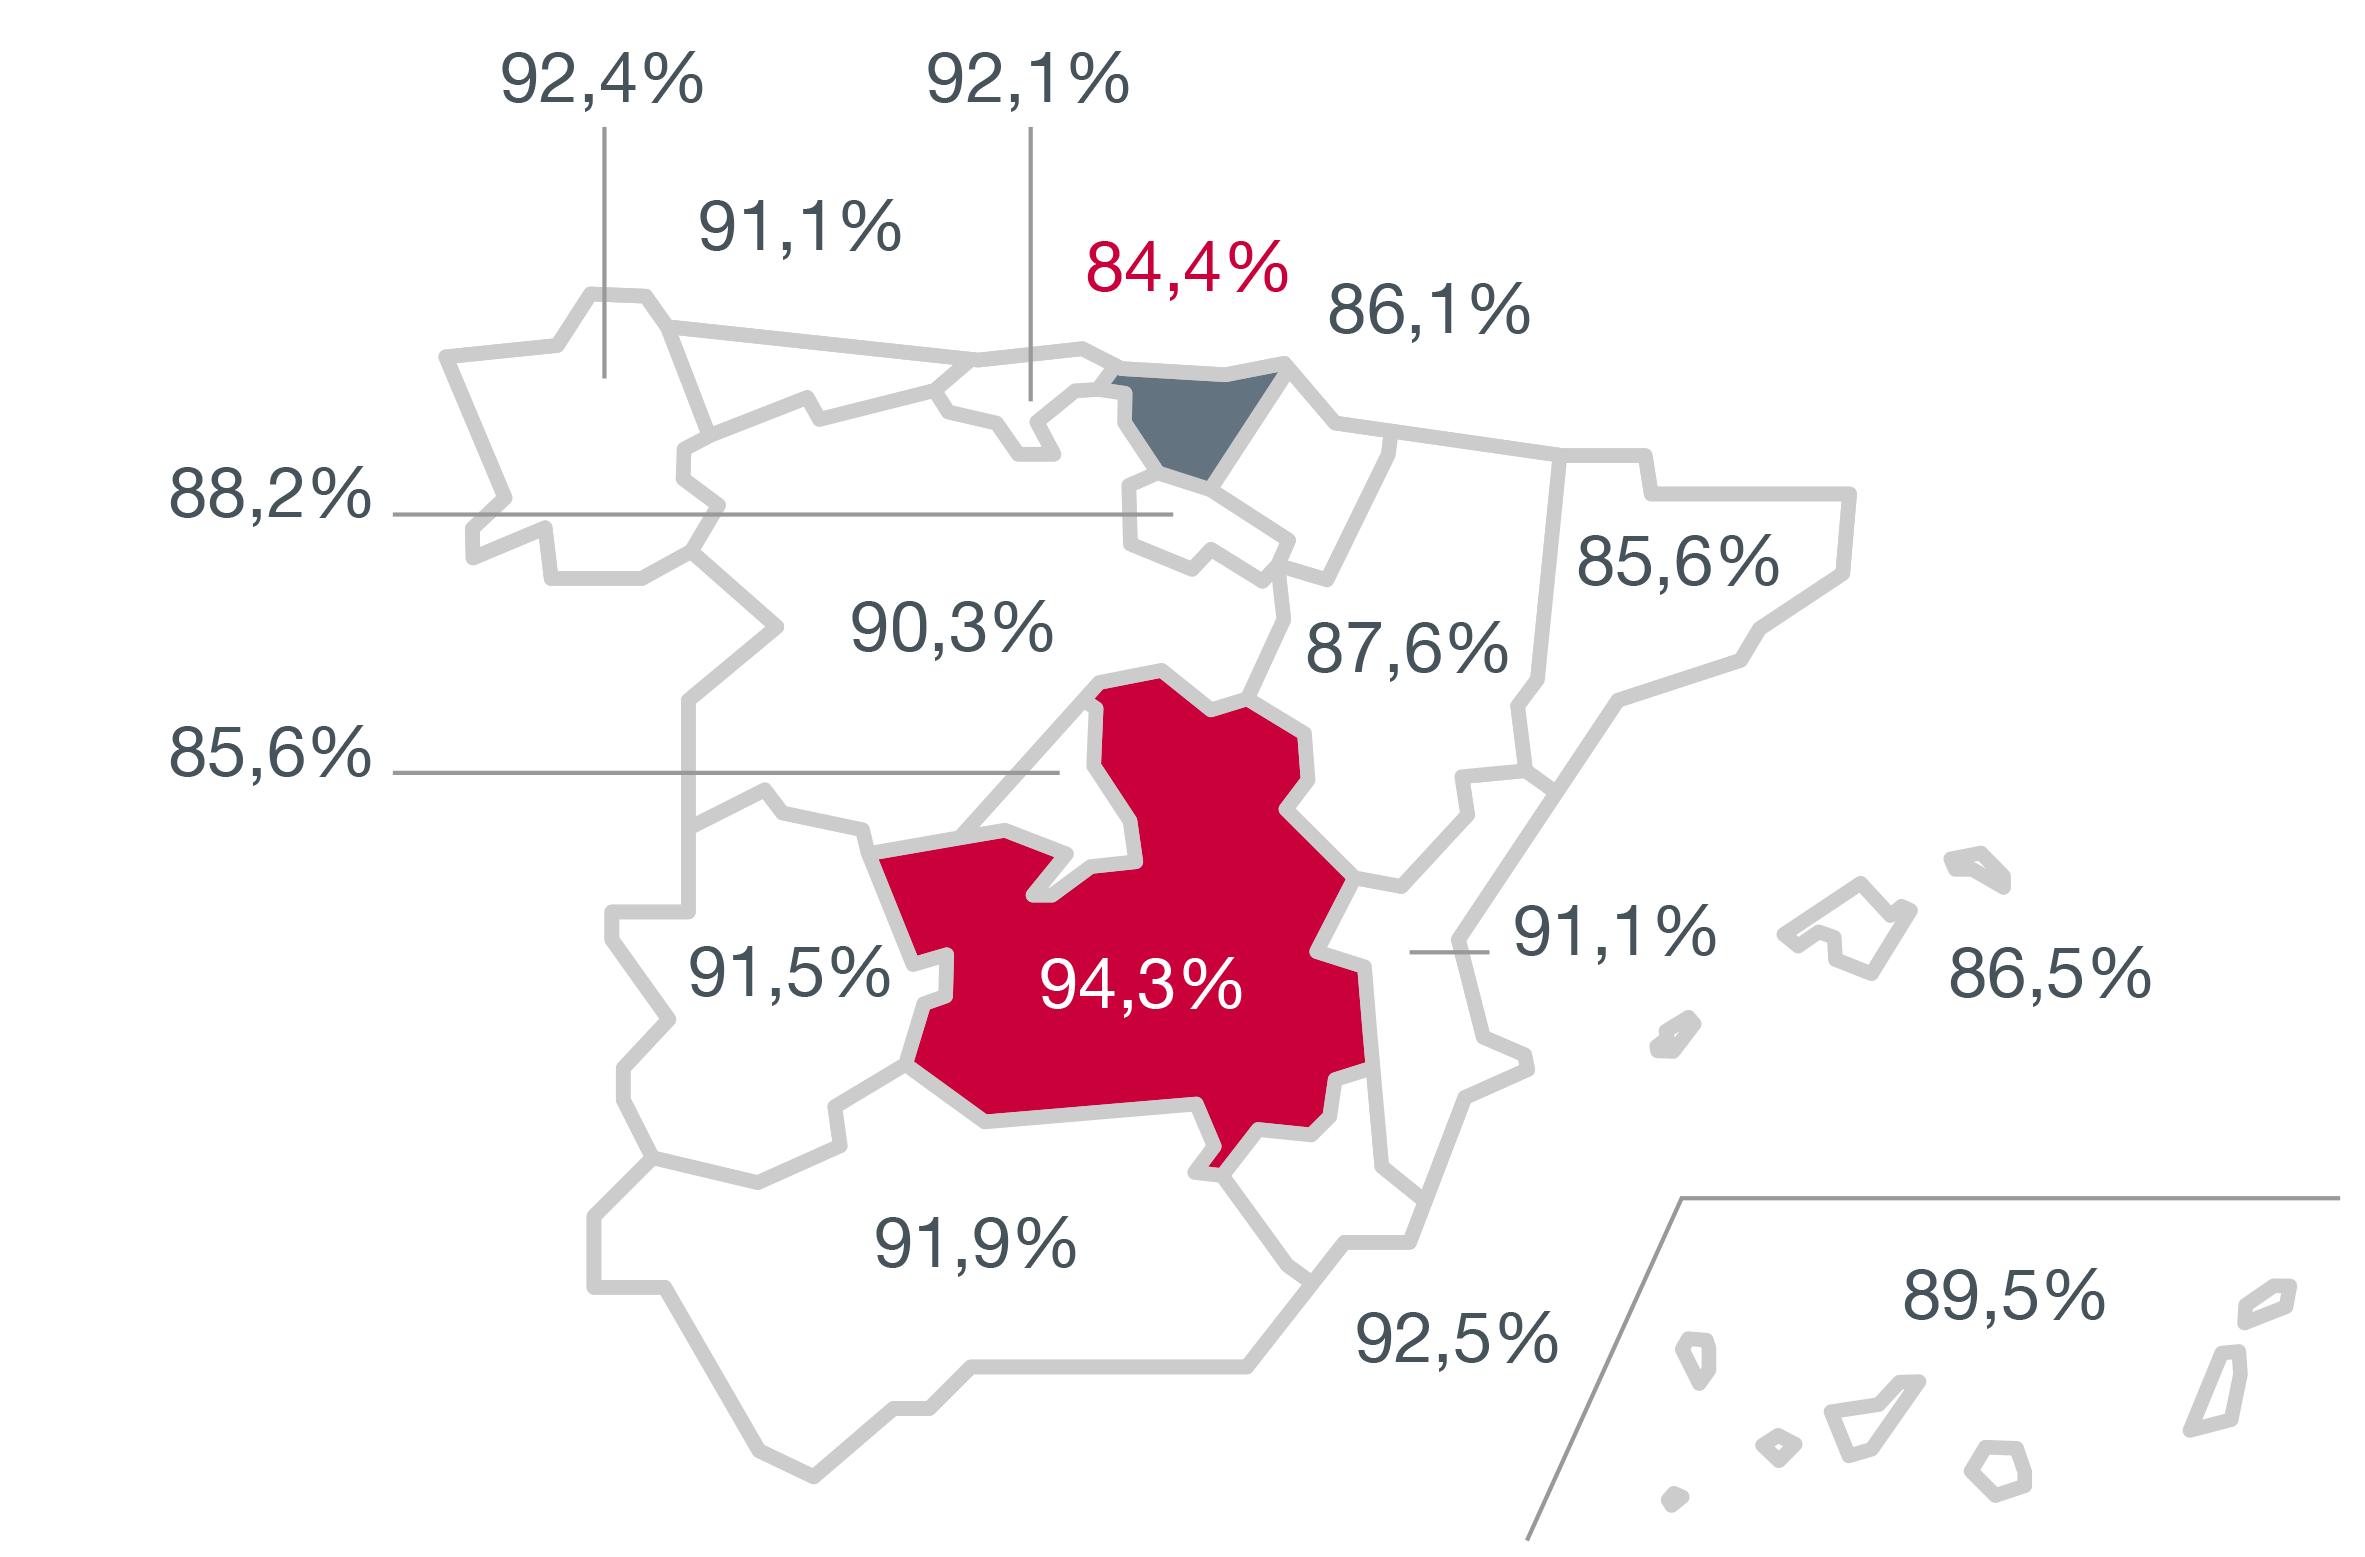 Distribución de empresas en España